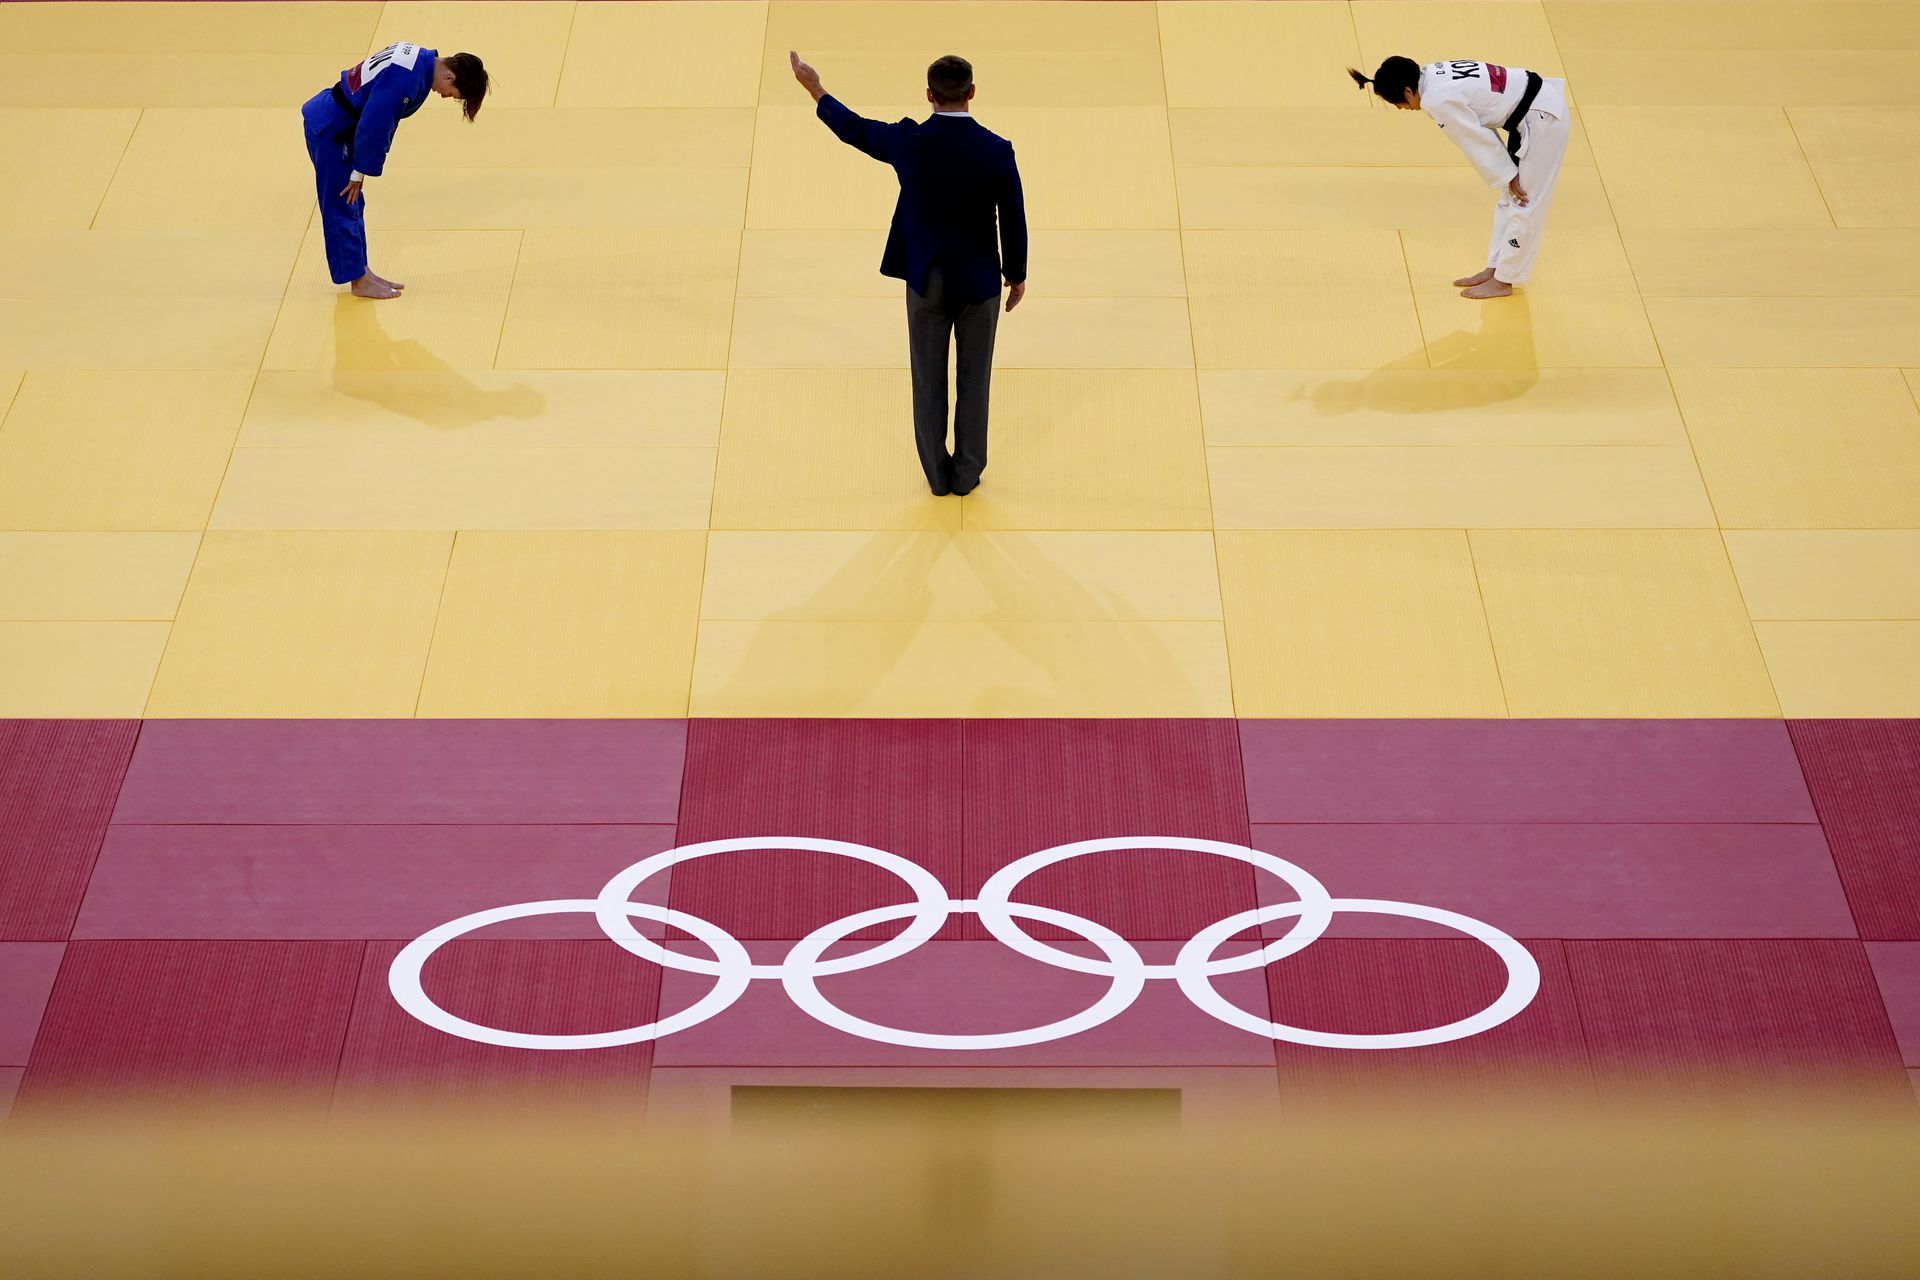 Reka Pupp, de Hungría, a la izquierda, hace una reverencia después de ganar su partido de judo de repesca de -52 kg femenino contra Park Da-sol, de Corea del Sur, a la derecha, en los Juegos Olímpicos de Tokio 2020, el domingo 25 de julio de 2021, en Tokio.